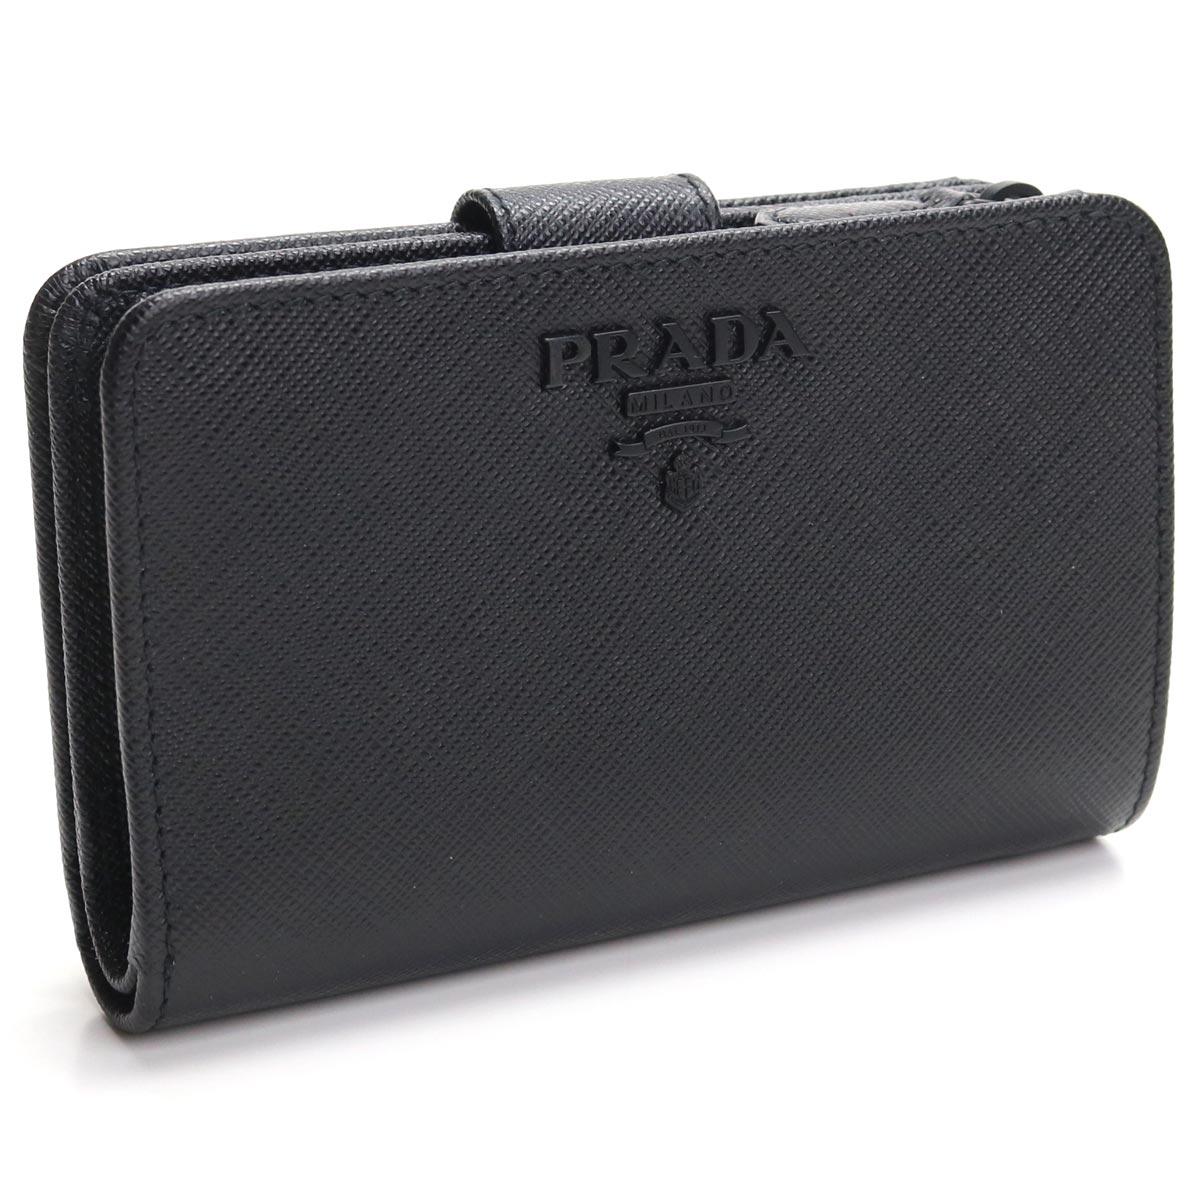 プラダ PRADA サフィアーノ 2つ折り財布 コンパクト財布 1ML225 2EBW F0ES9 NERO N. ブラック レディース